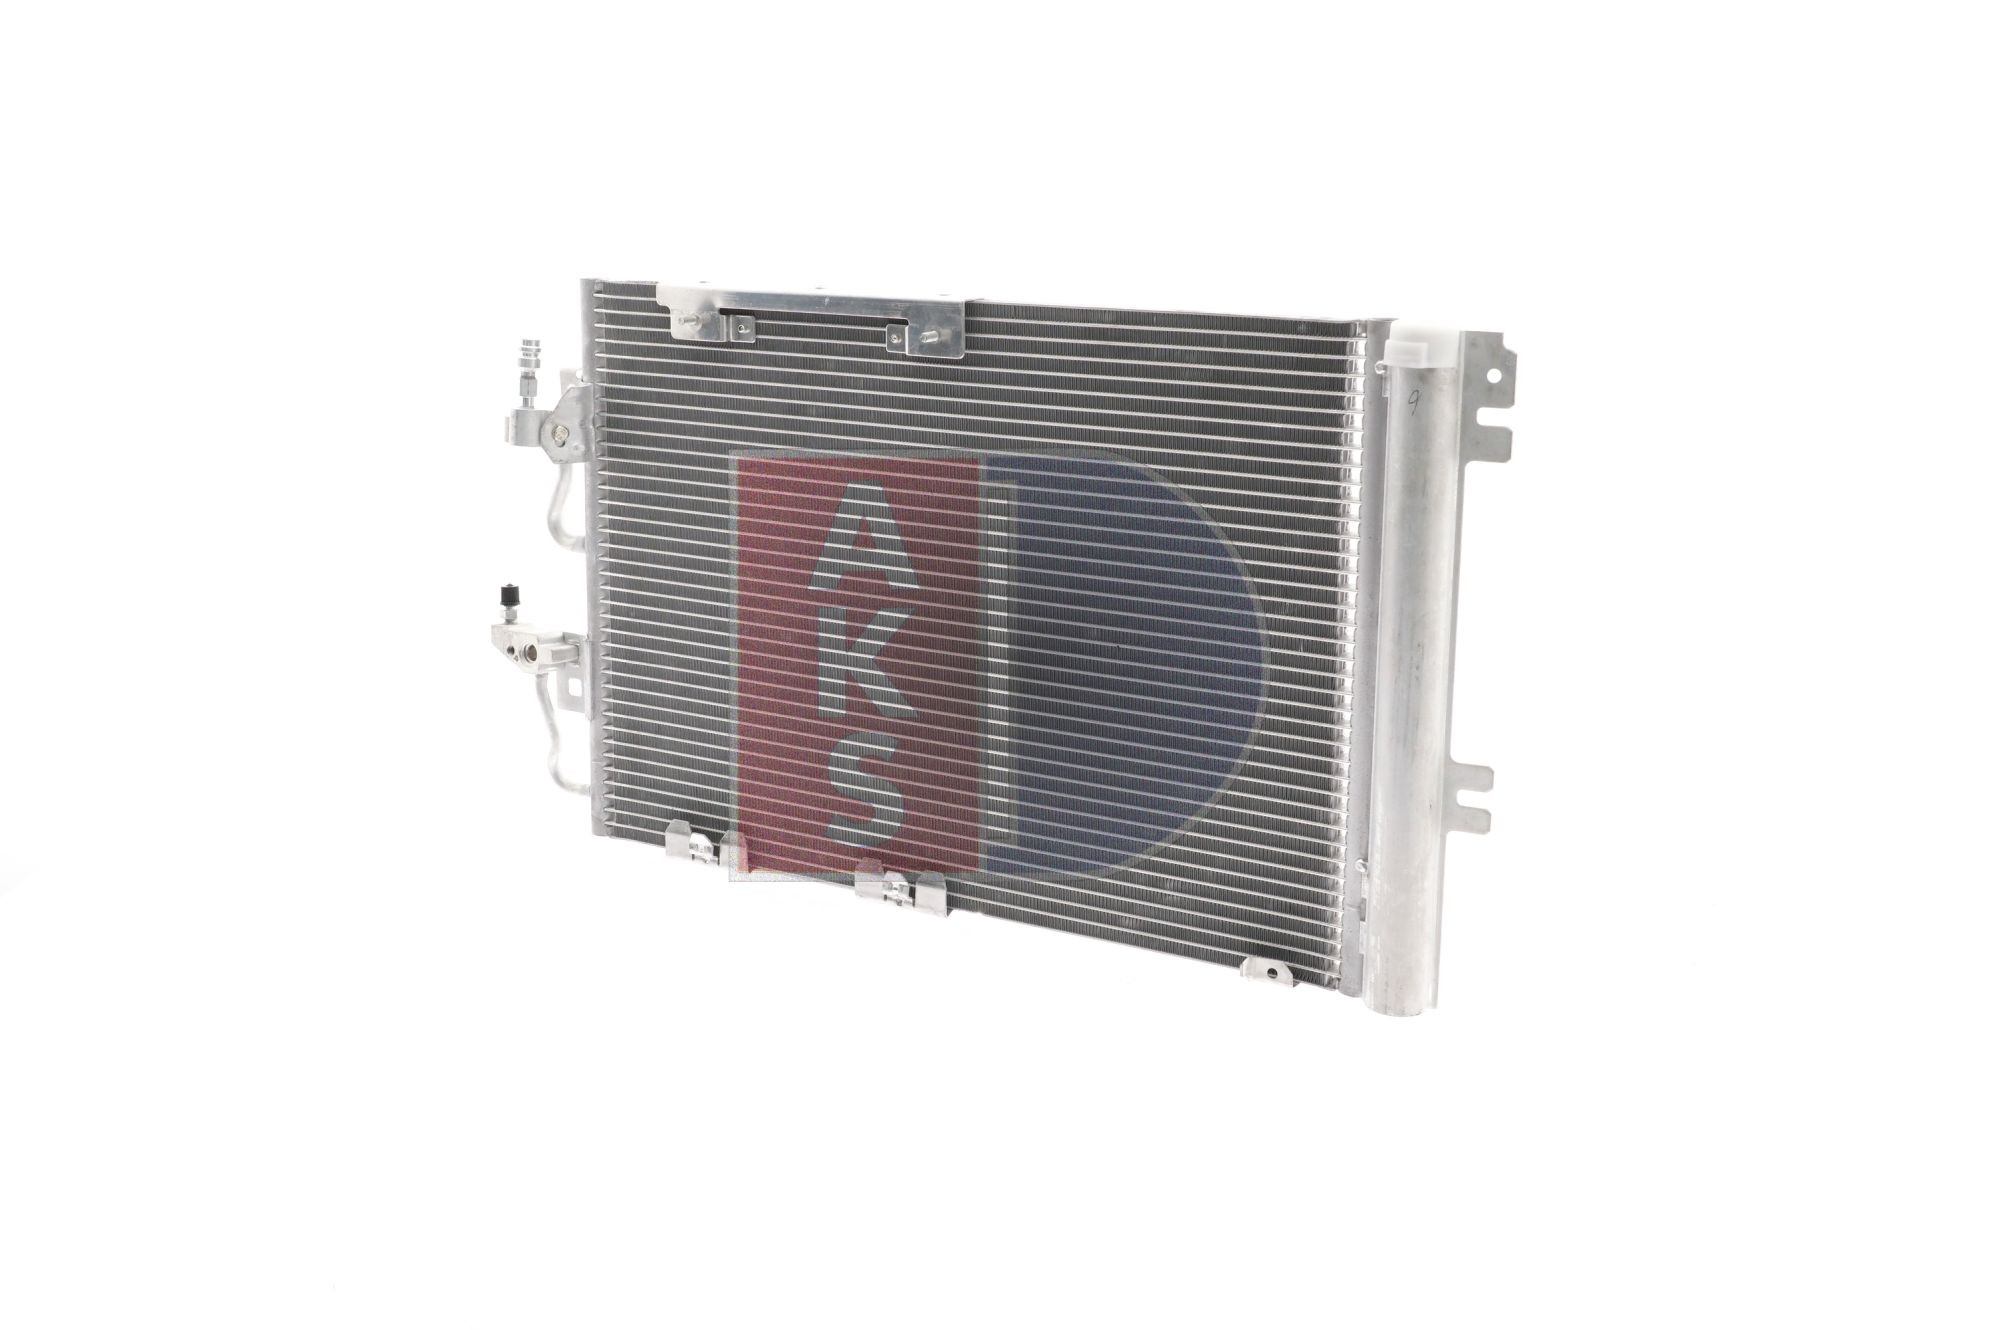 AKS DASIS Kondensator Klimaanlage 152015N